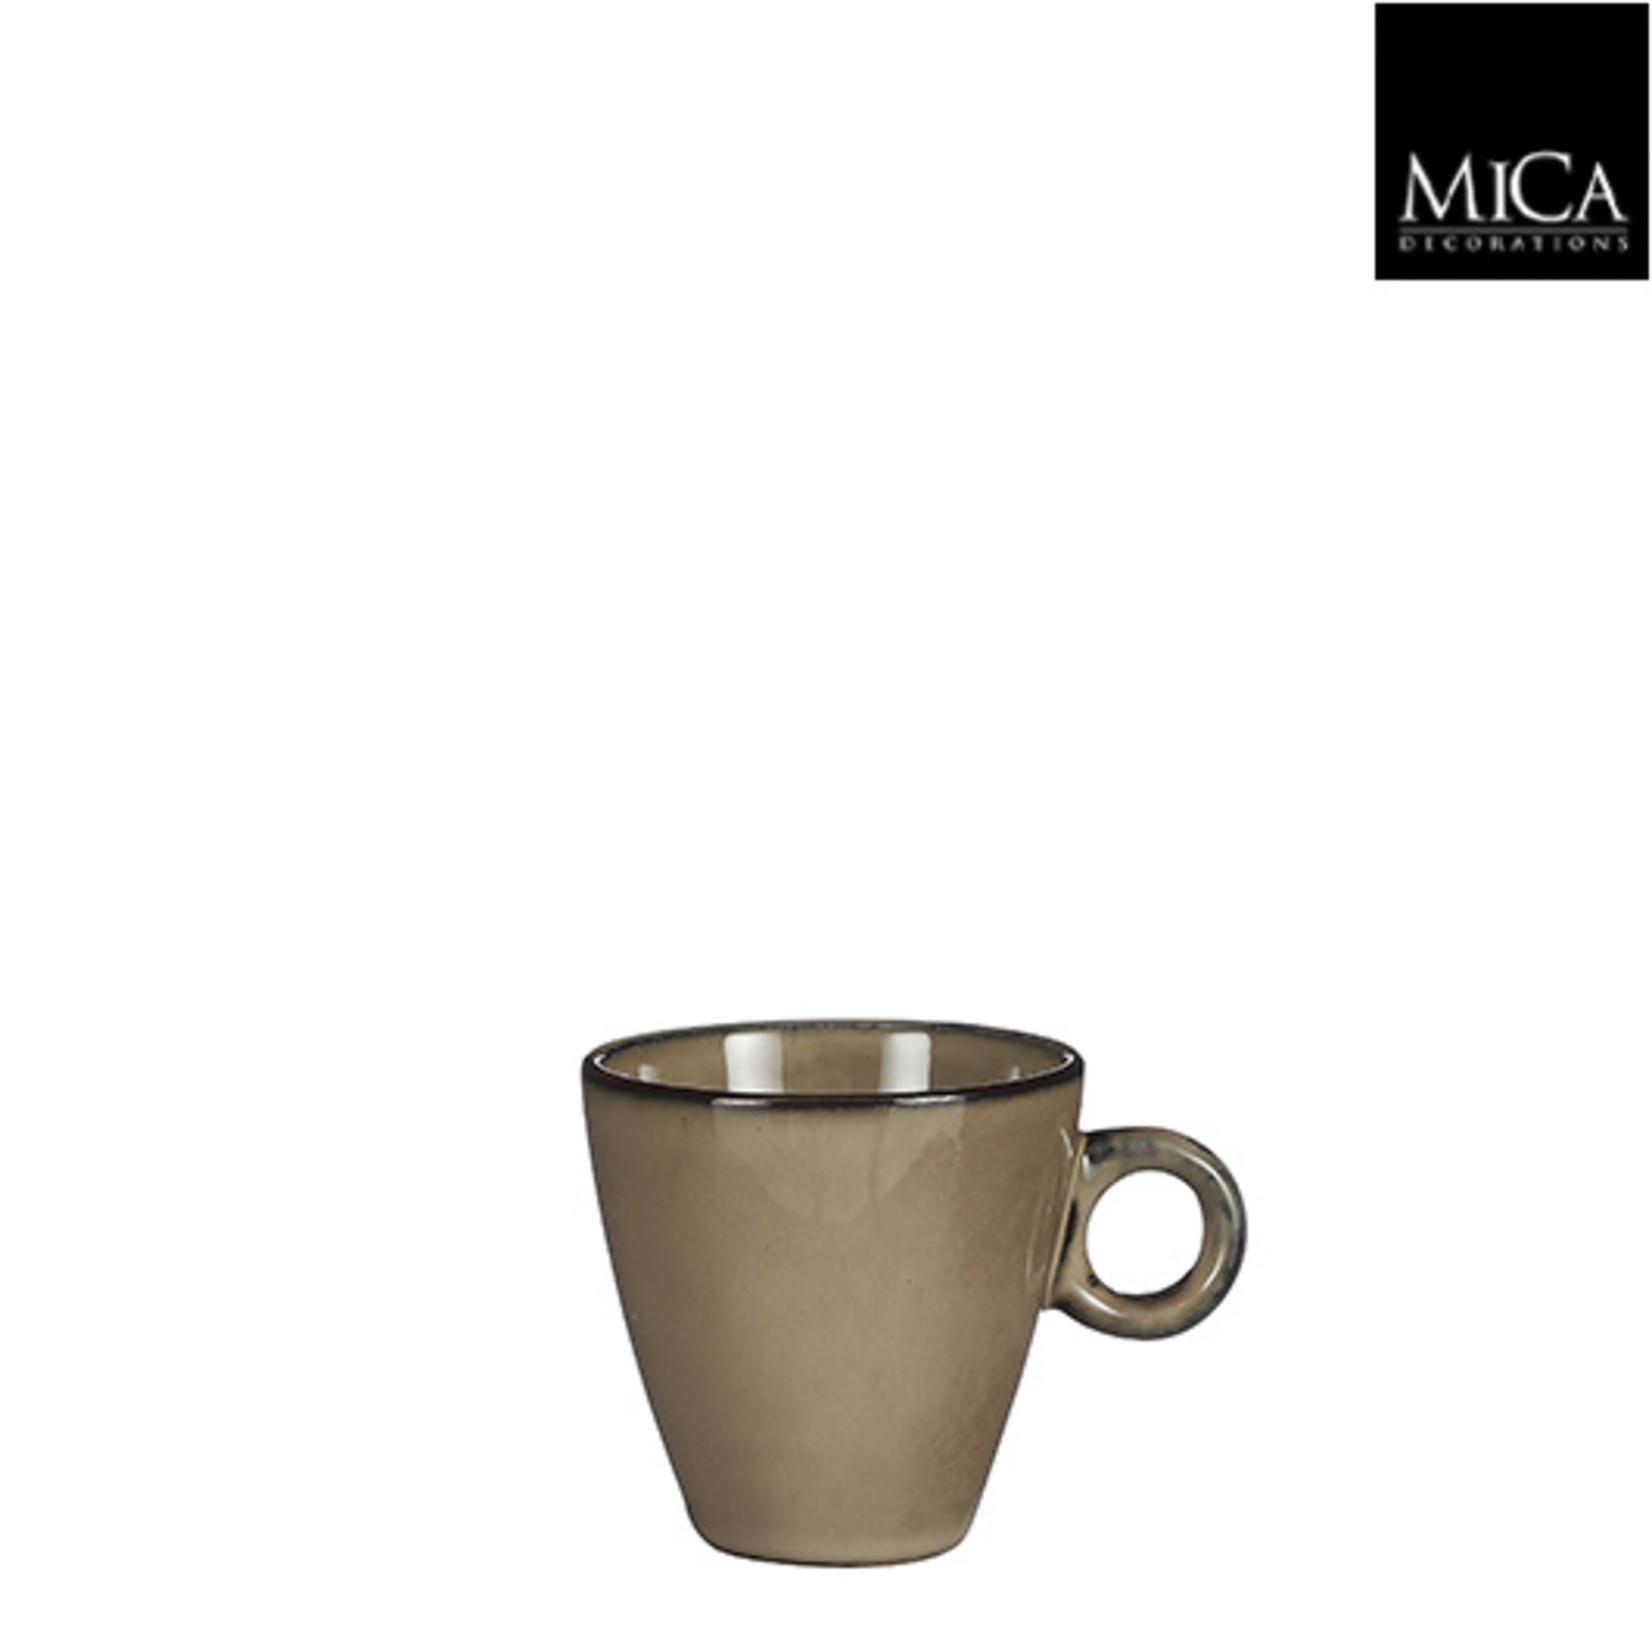 MiCa Tabo espresso kopje creme